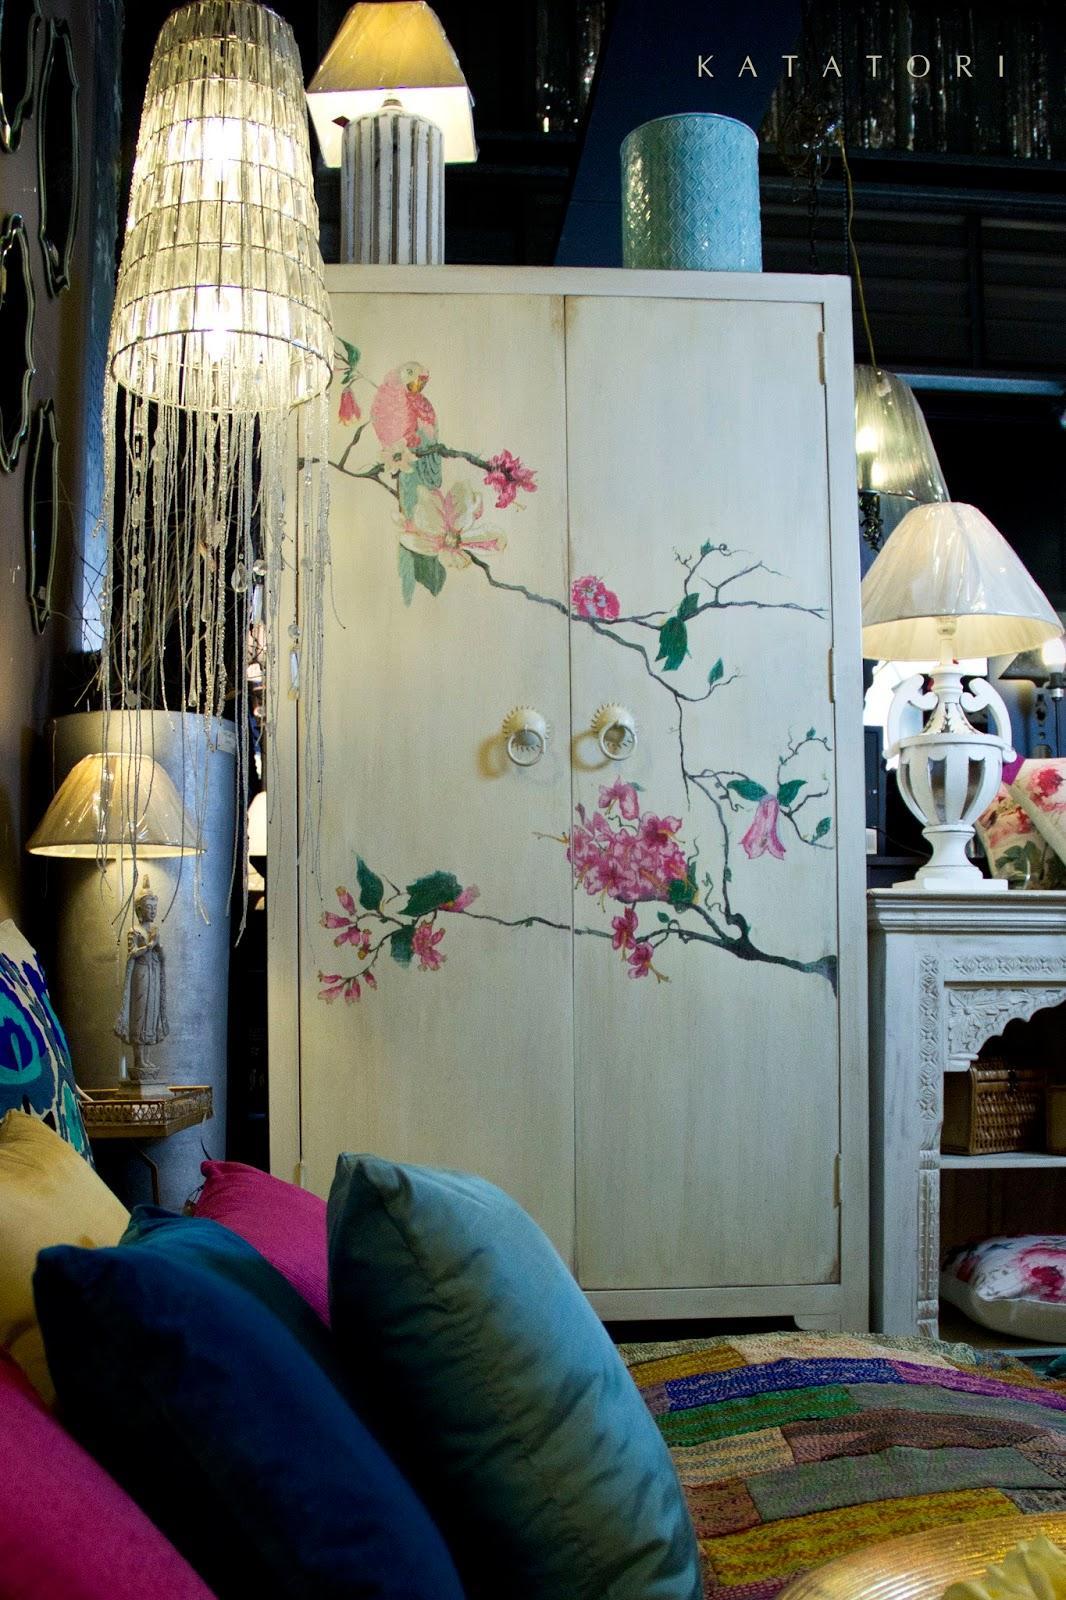 Katatori interiores armarios ornamentados for Muebles poligono el manchon